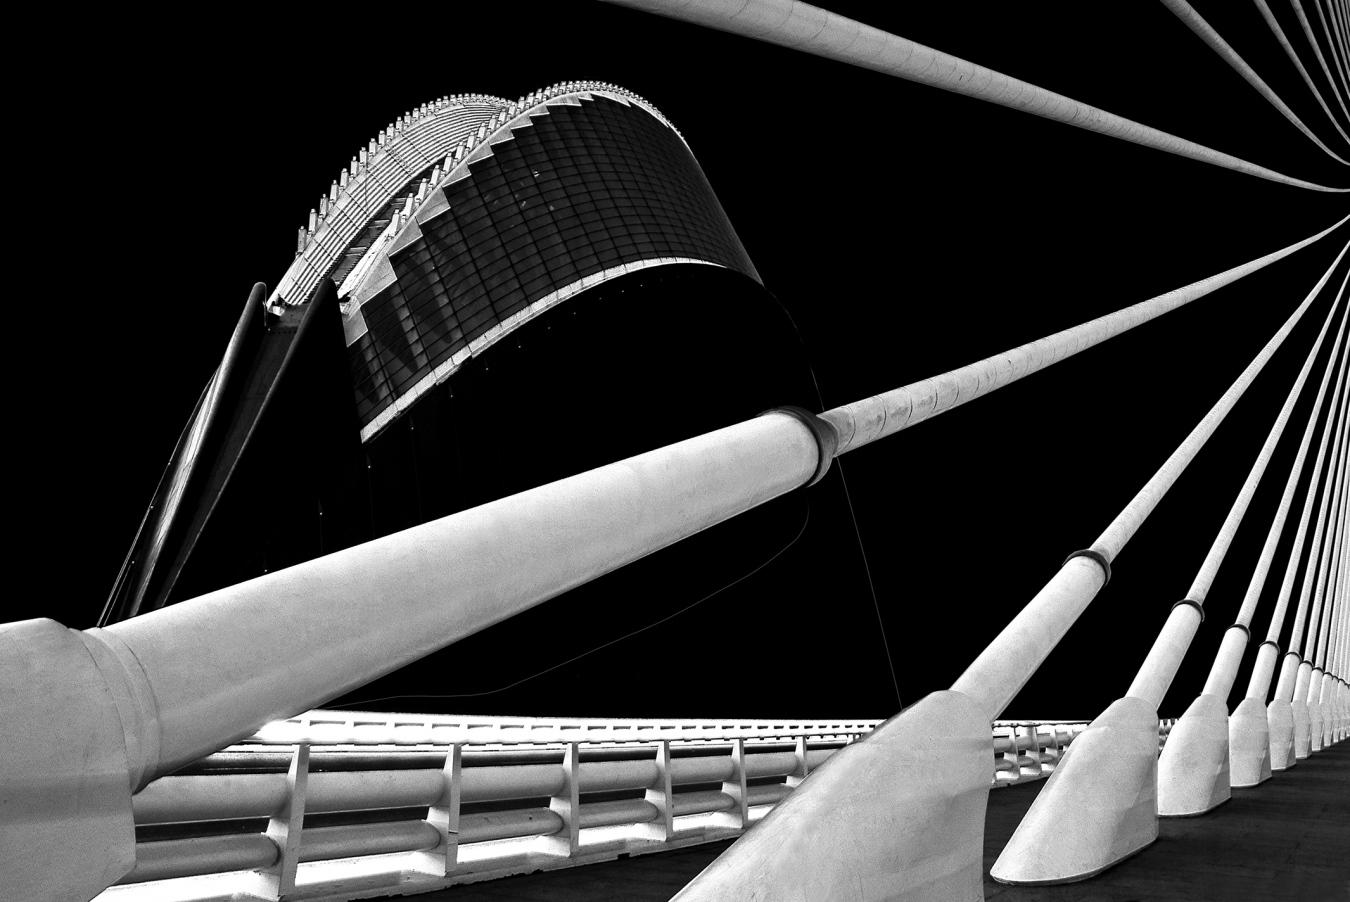 Ágora-Pont l'Assut l'Or / Valencia (E) - Arquitecturas - Urbano Suárez,  FineArt Photography